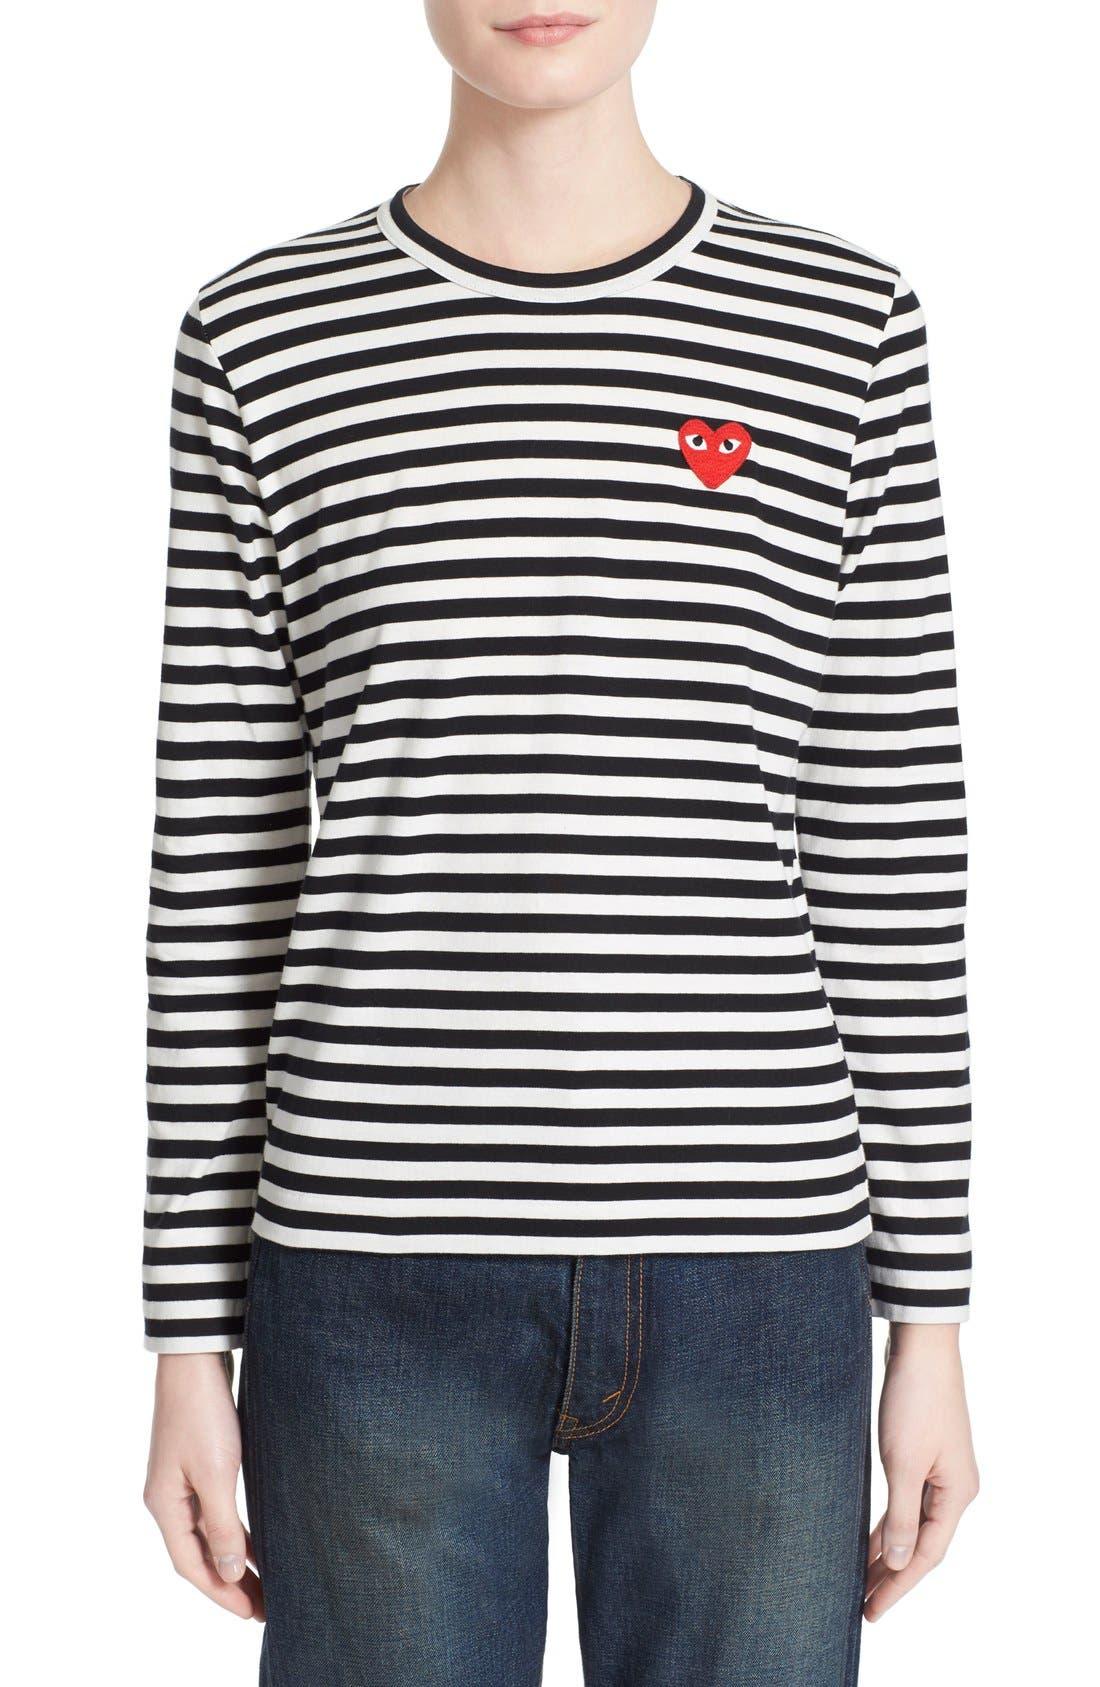 Main Image - Comme des Garçons 'Play' Stripe Cotton Tee